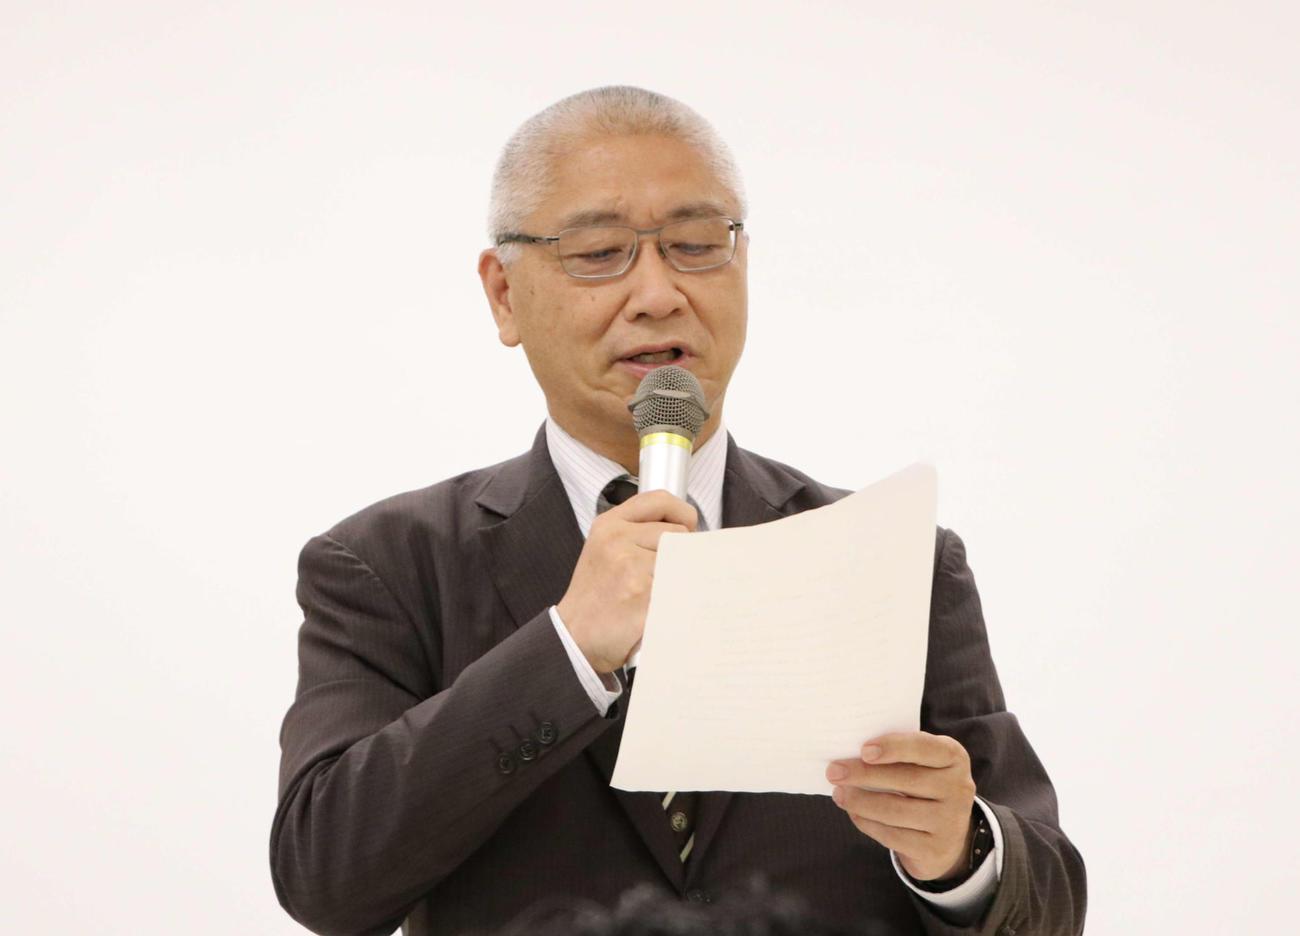 今季の競技方針を説明する関西学生連盟の山田専務理事(撮影・南谷竜則)